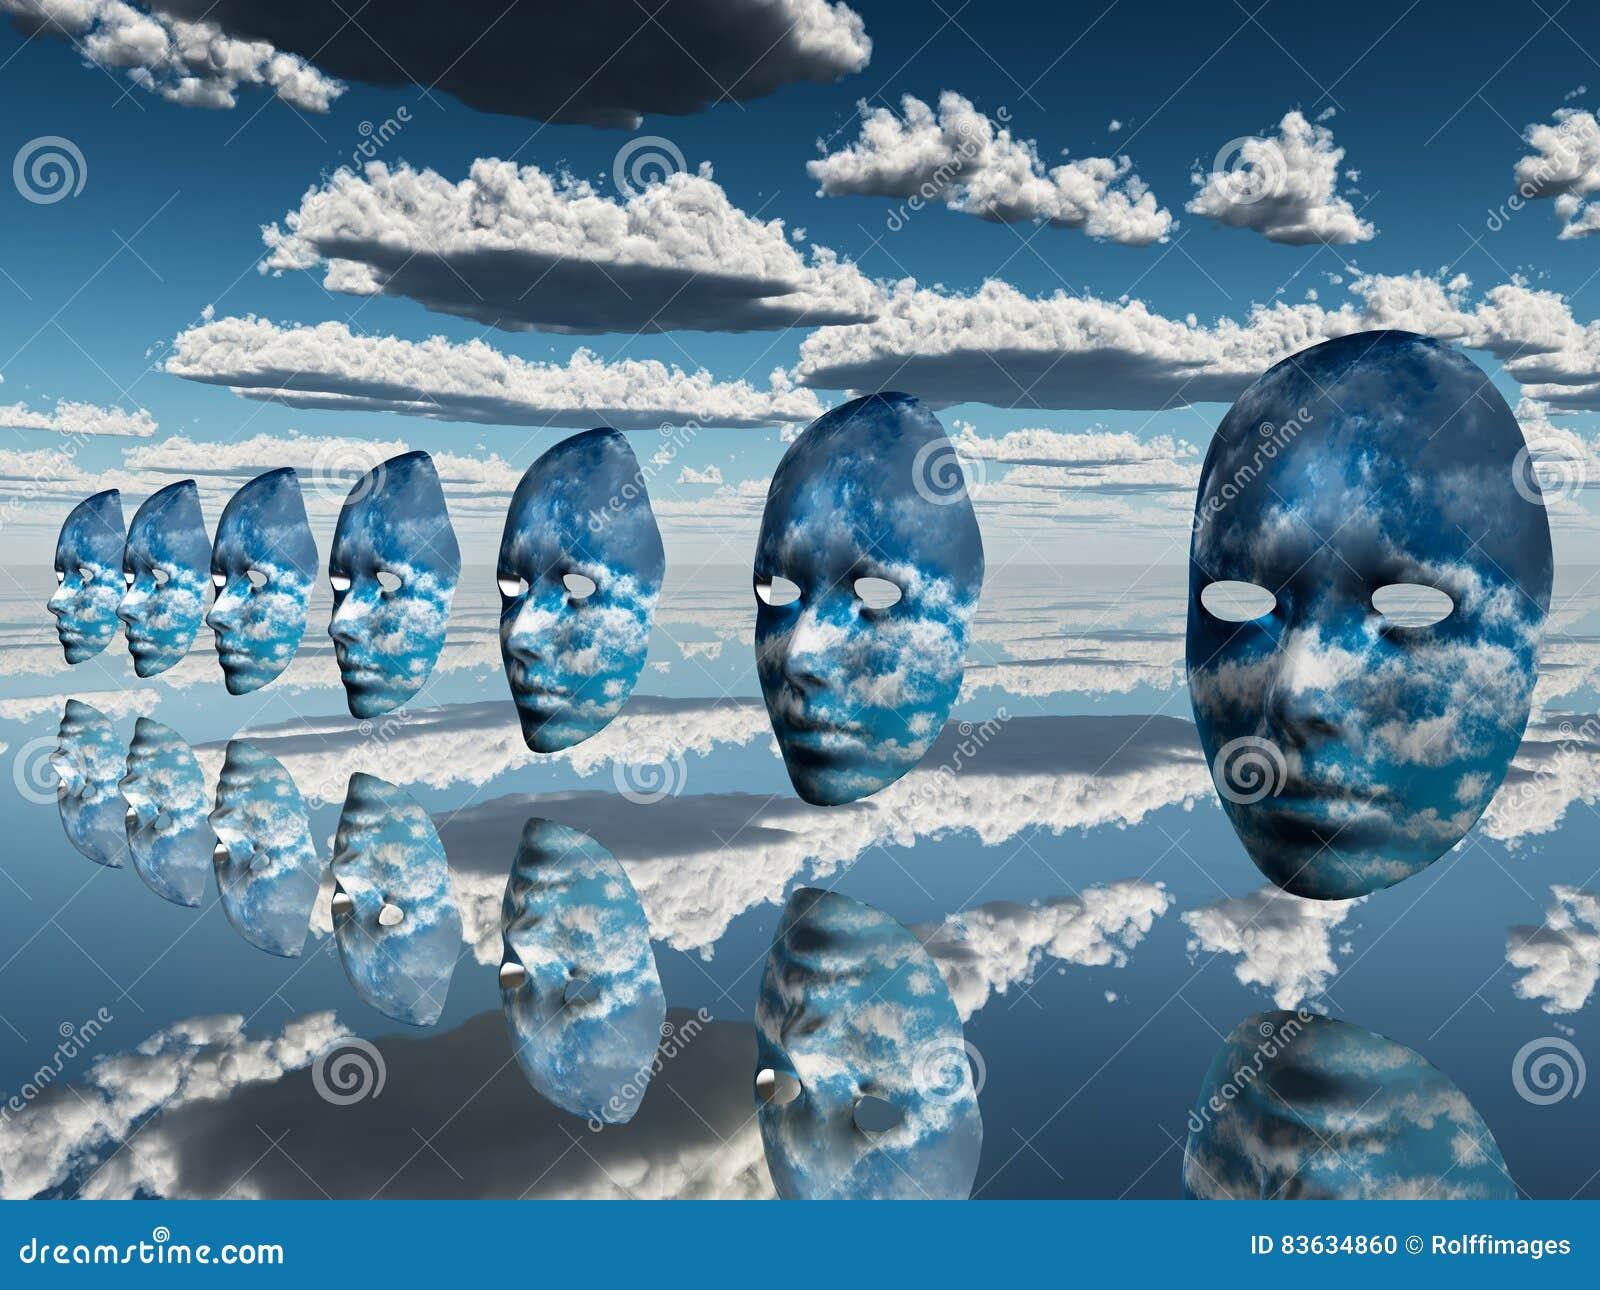 Disembodied twarze unoszą się w surrealistycznej scenie